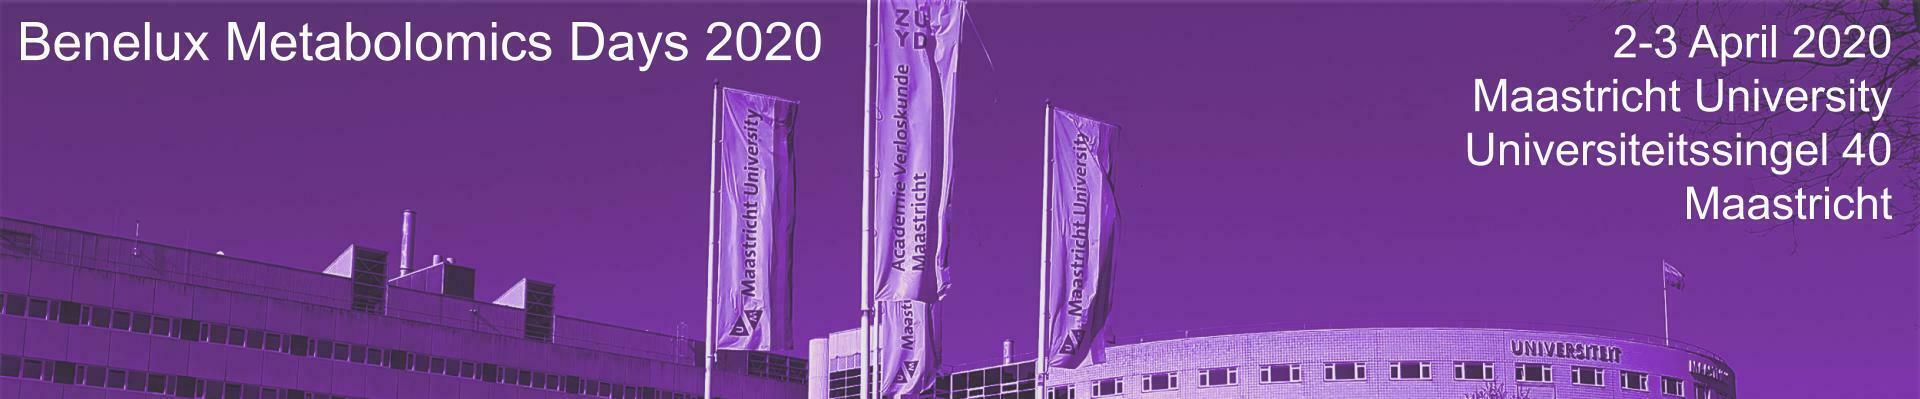 Benelux Metabolomics Days 2020